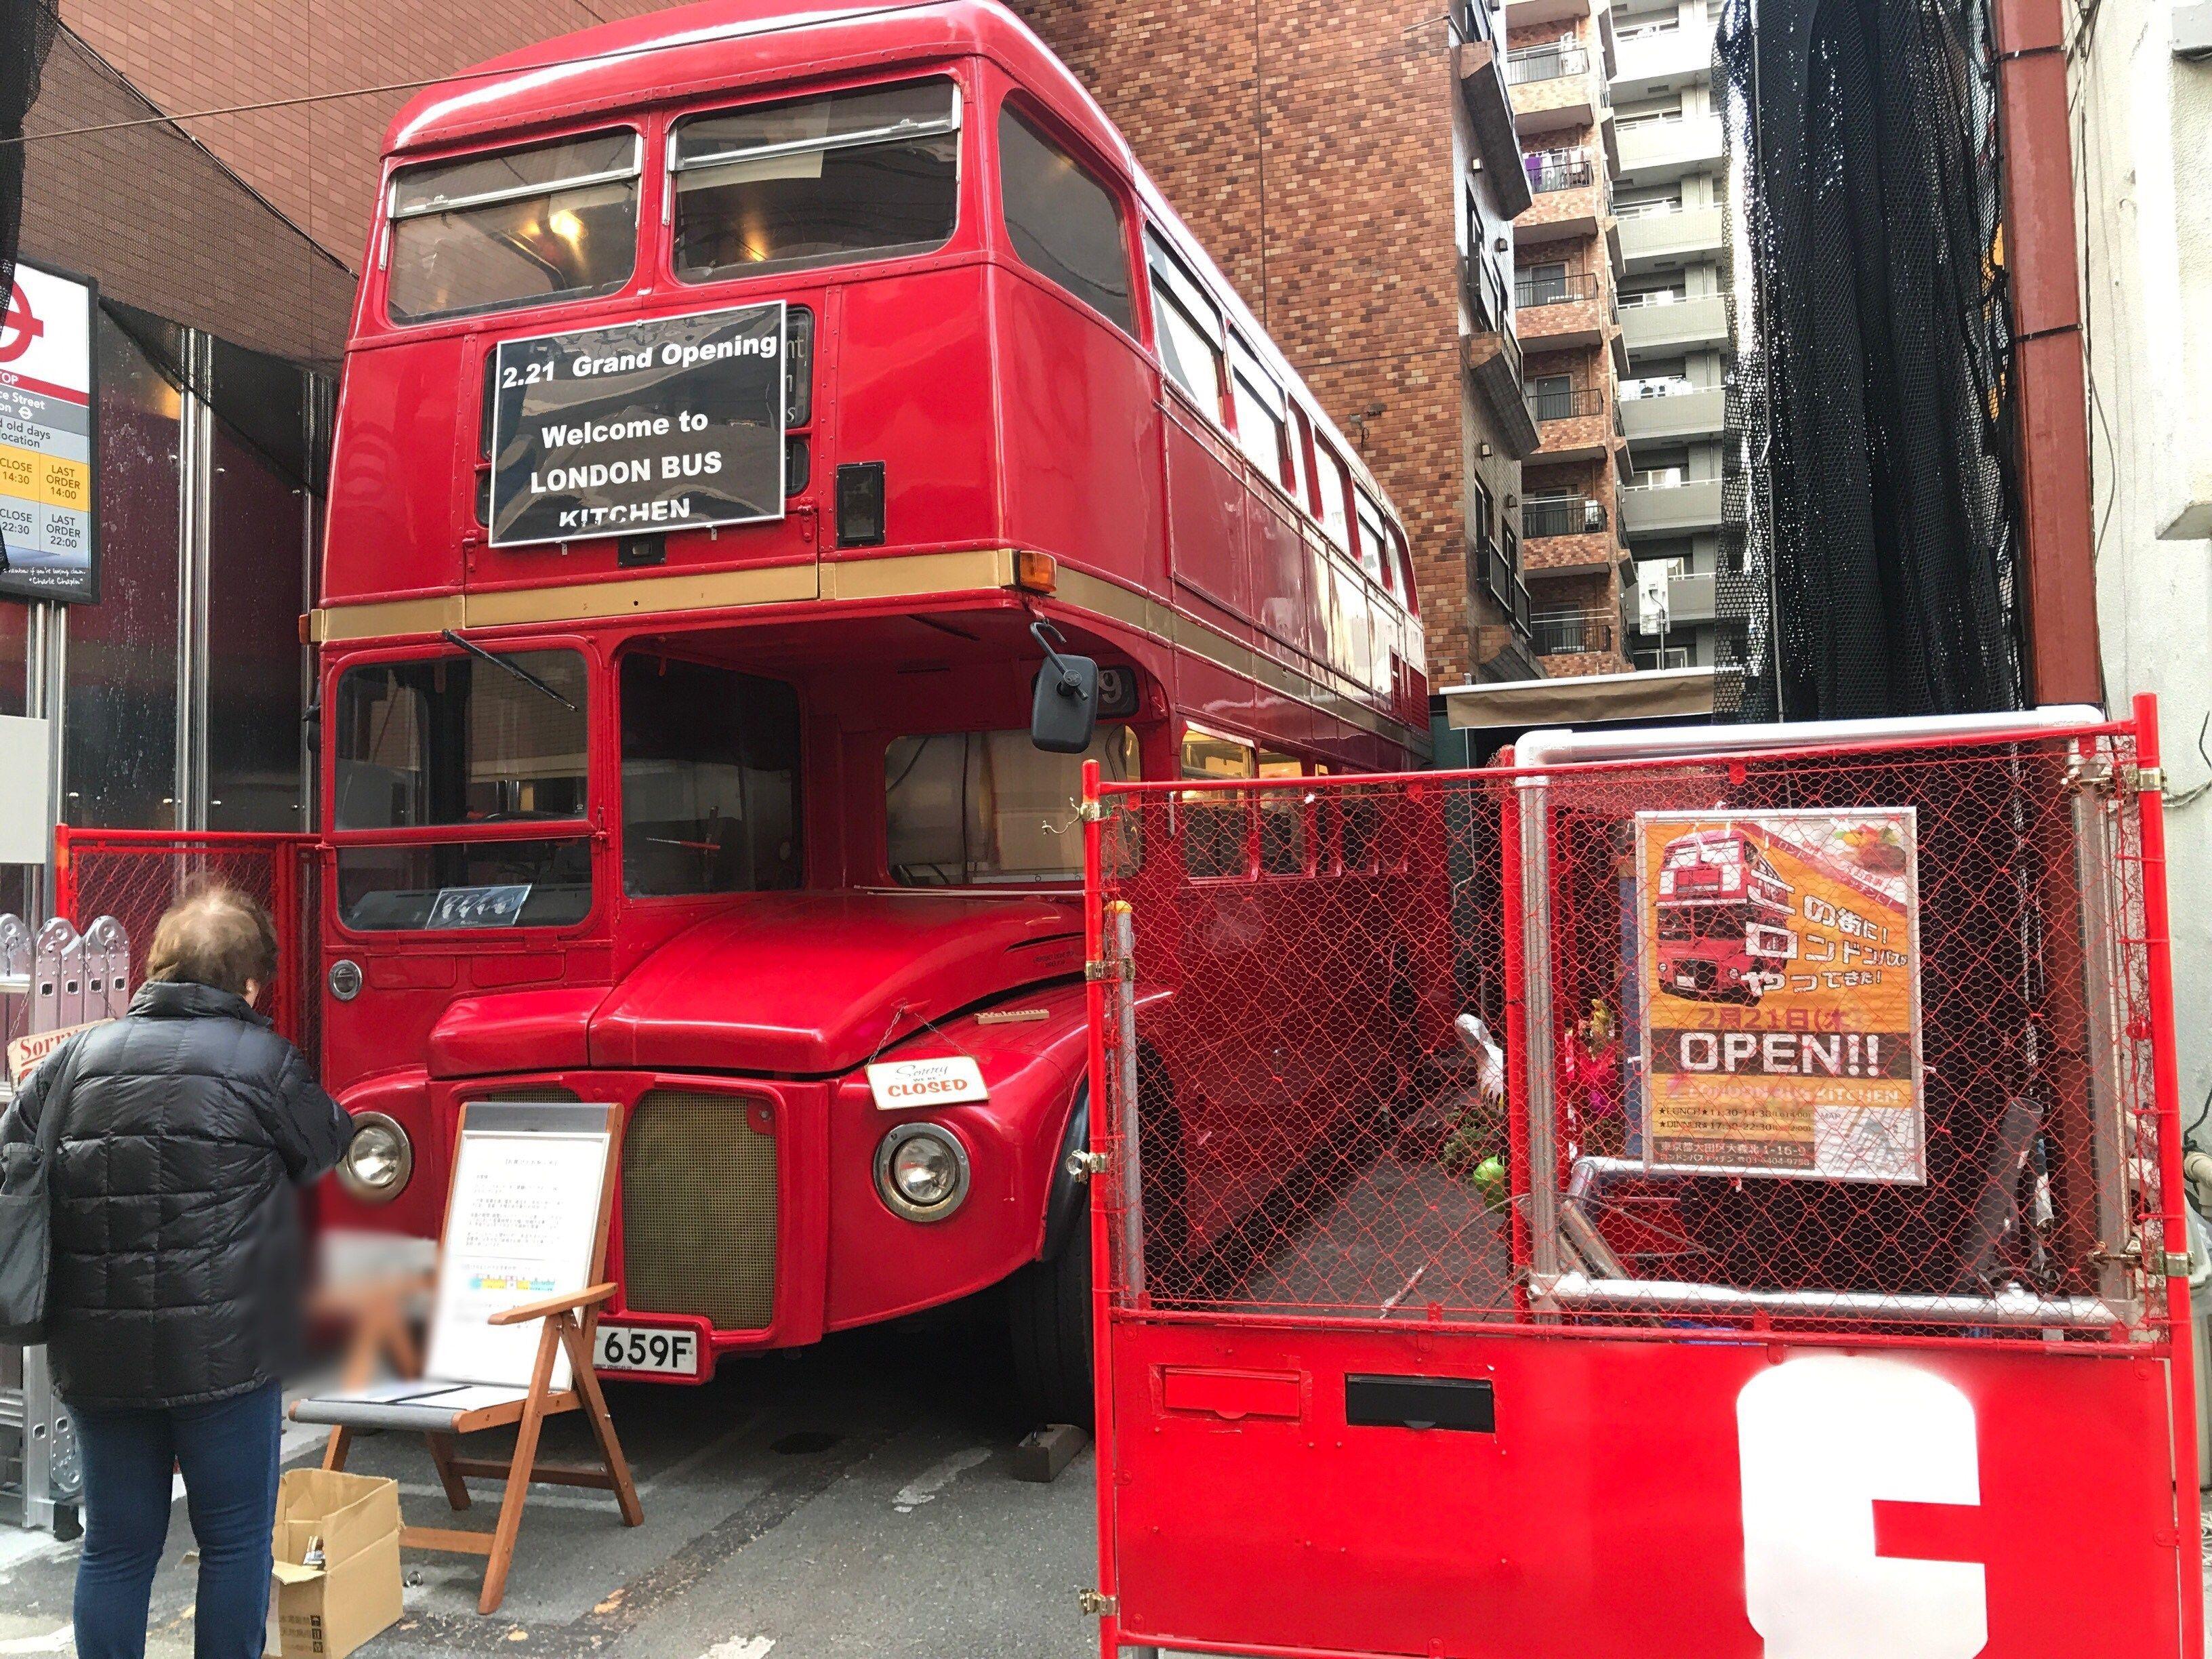 通行人のほとんどが Quot 二度見 Quot するであろう 本物のロンドンバスで食事ができるお店 London Bus Kitchen ロンドン バス キッチン さん 2019年2月21日 木 大田区大森にオープンしました ビルとの隙 ロンドンバス ロンドン バス